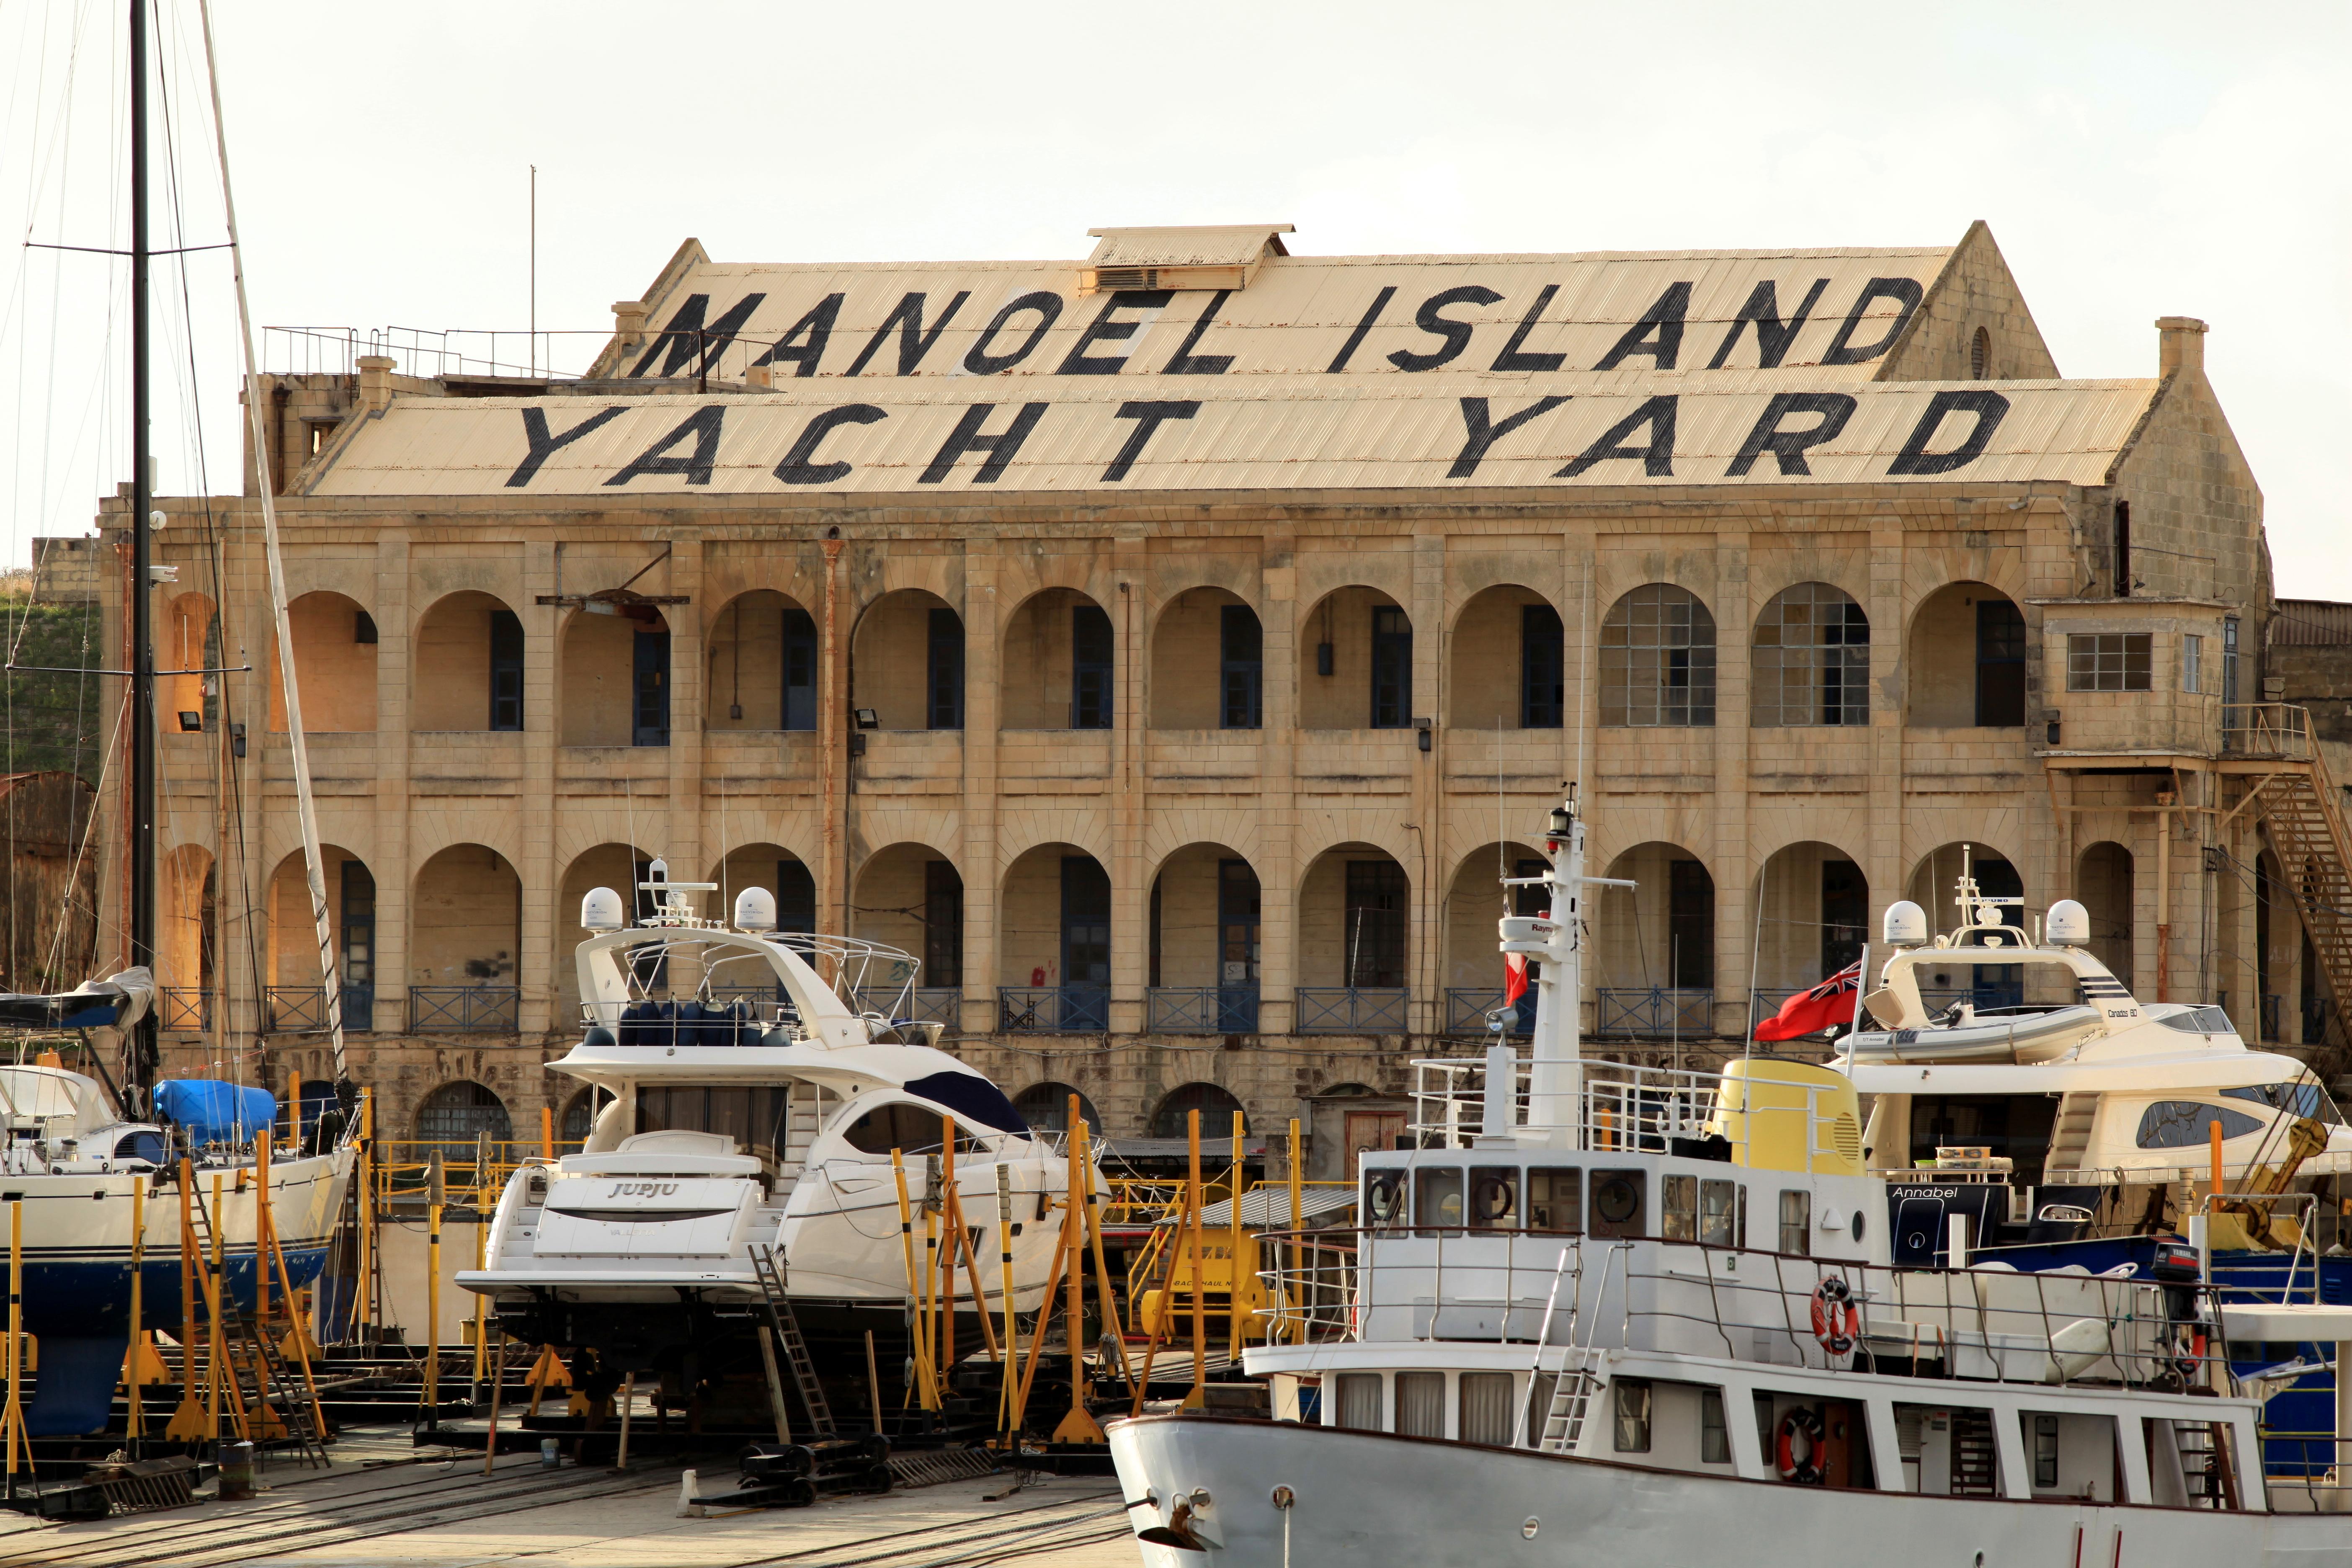 Il-Gzira Malta  City pictures : Description Malta Gzira Triq Il Forti Manoel Yacht Yard Triq Ix ...